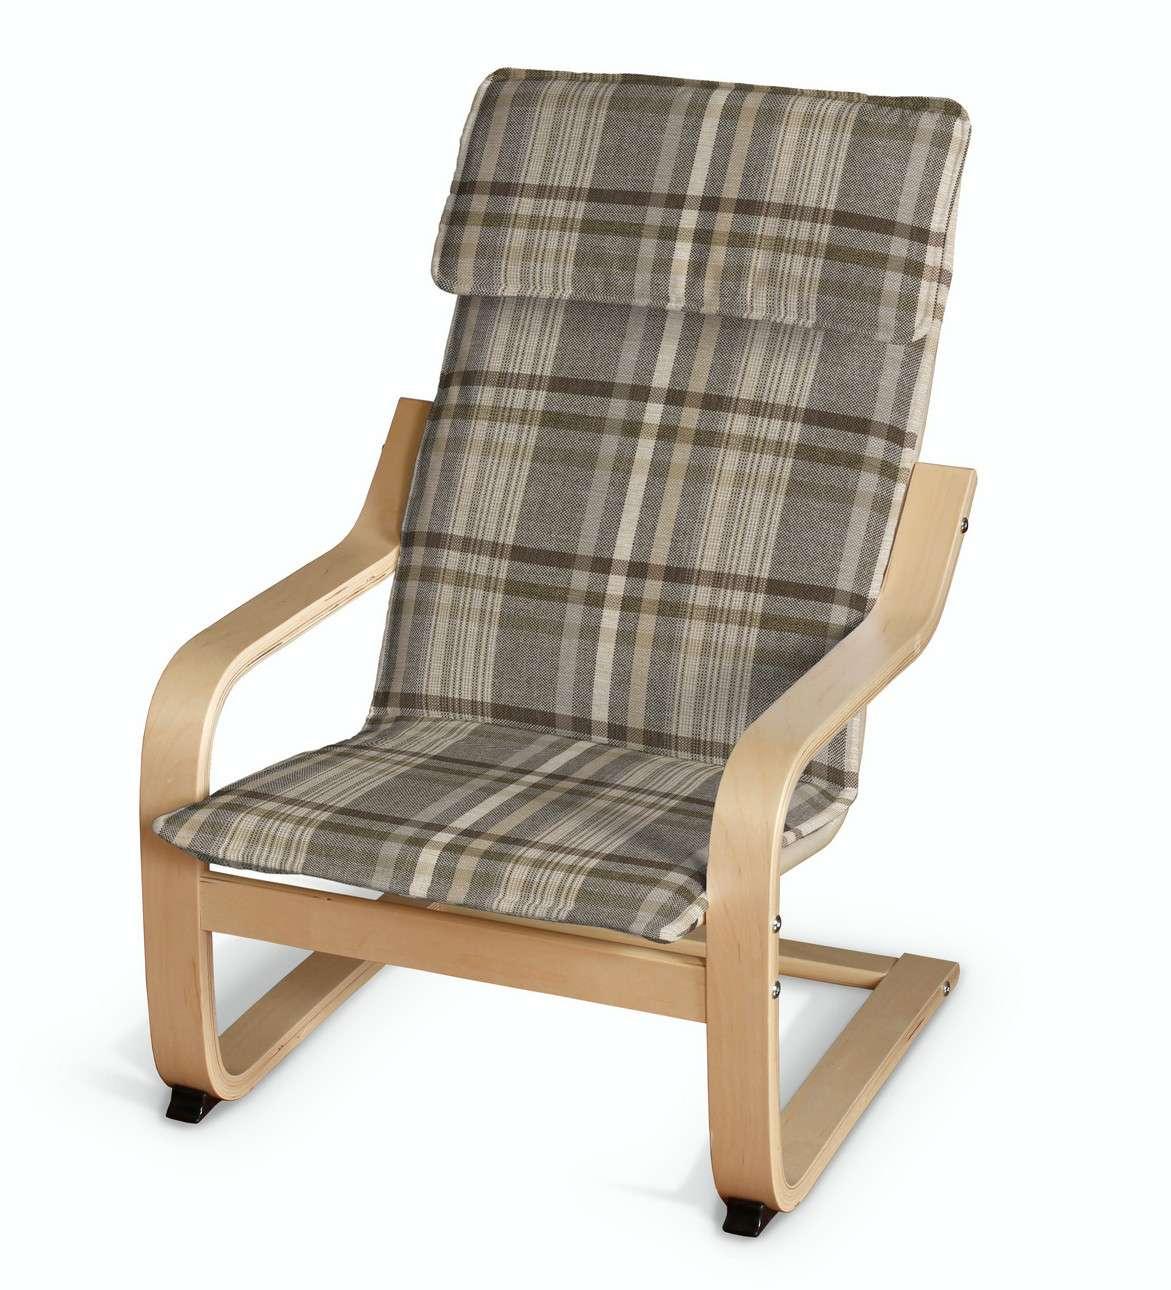 Poduszka na fotelik dziecięcy Poäng w kolekcji Edinburgh, tkanina: 703-17